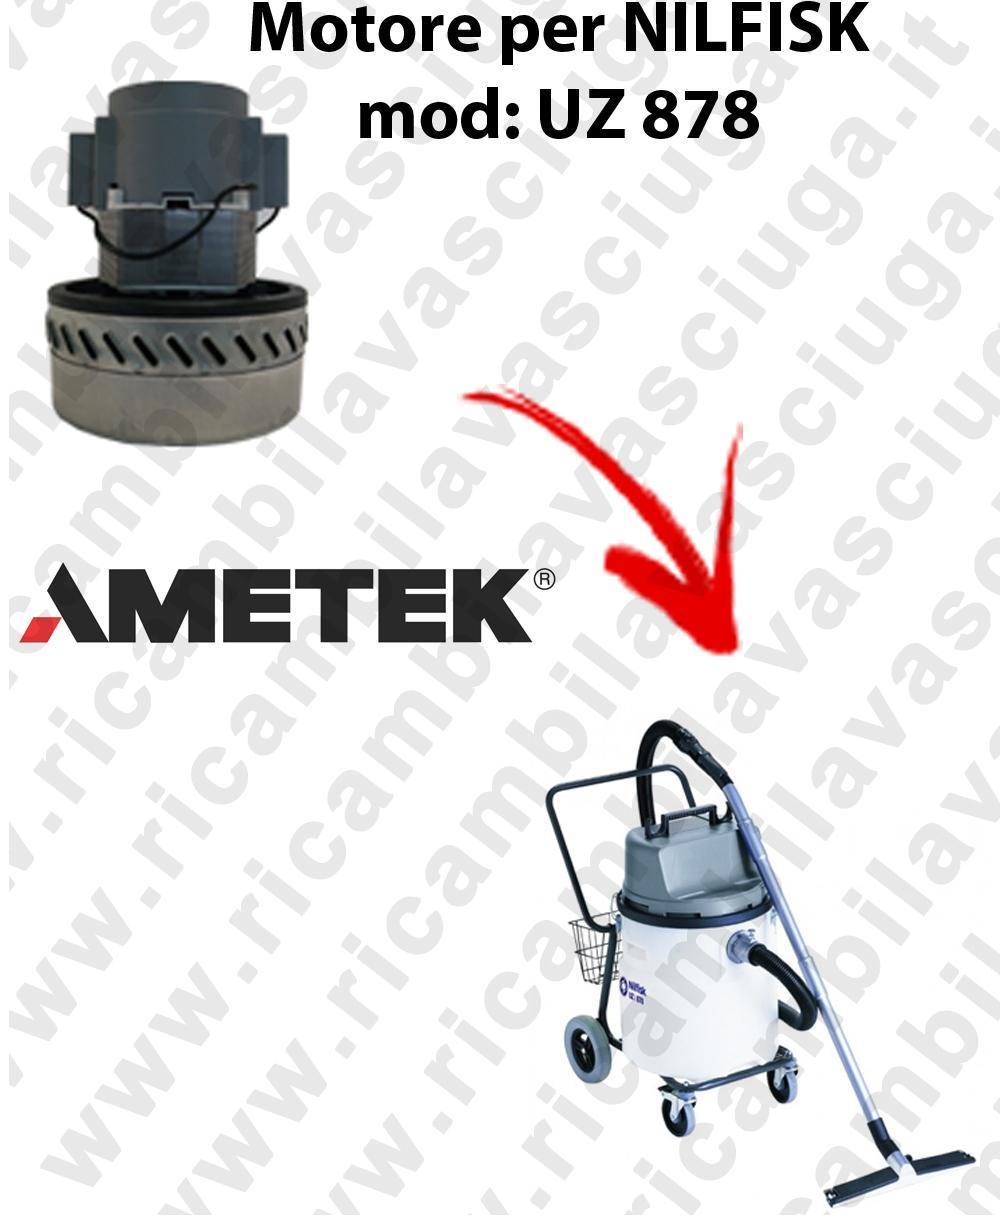 UZ 878 MOTEUR ASPIRATION AMETEK  pour aspirateur NILFISK